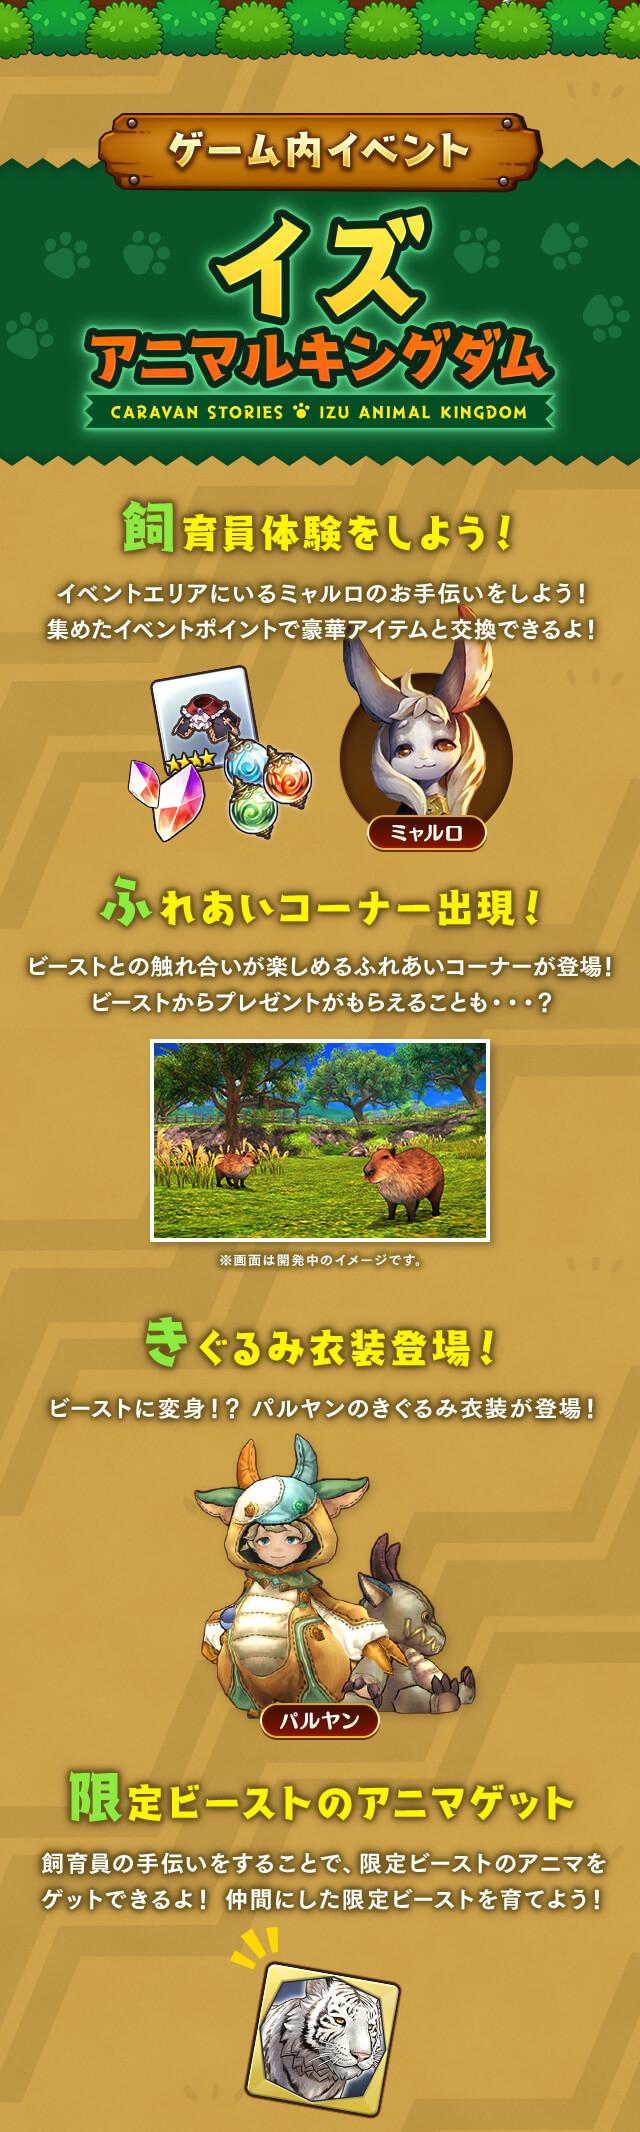 ゲーム内イベント